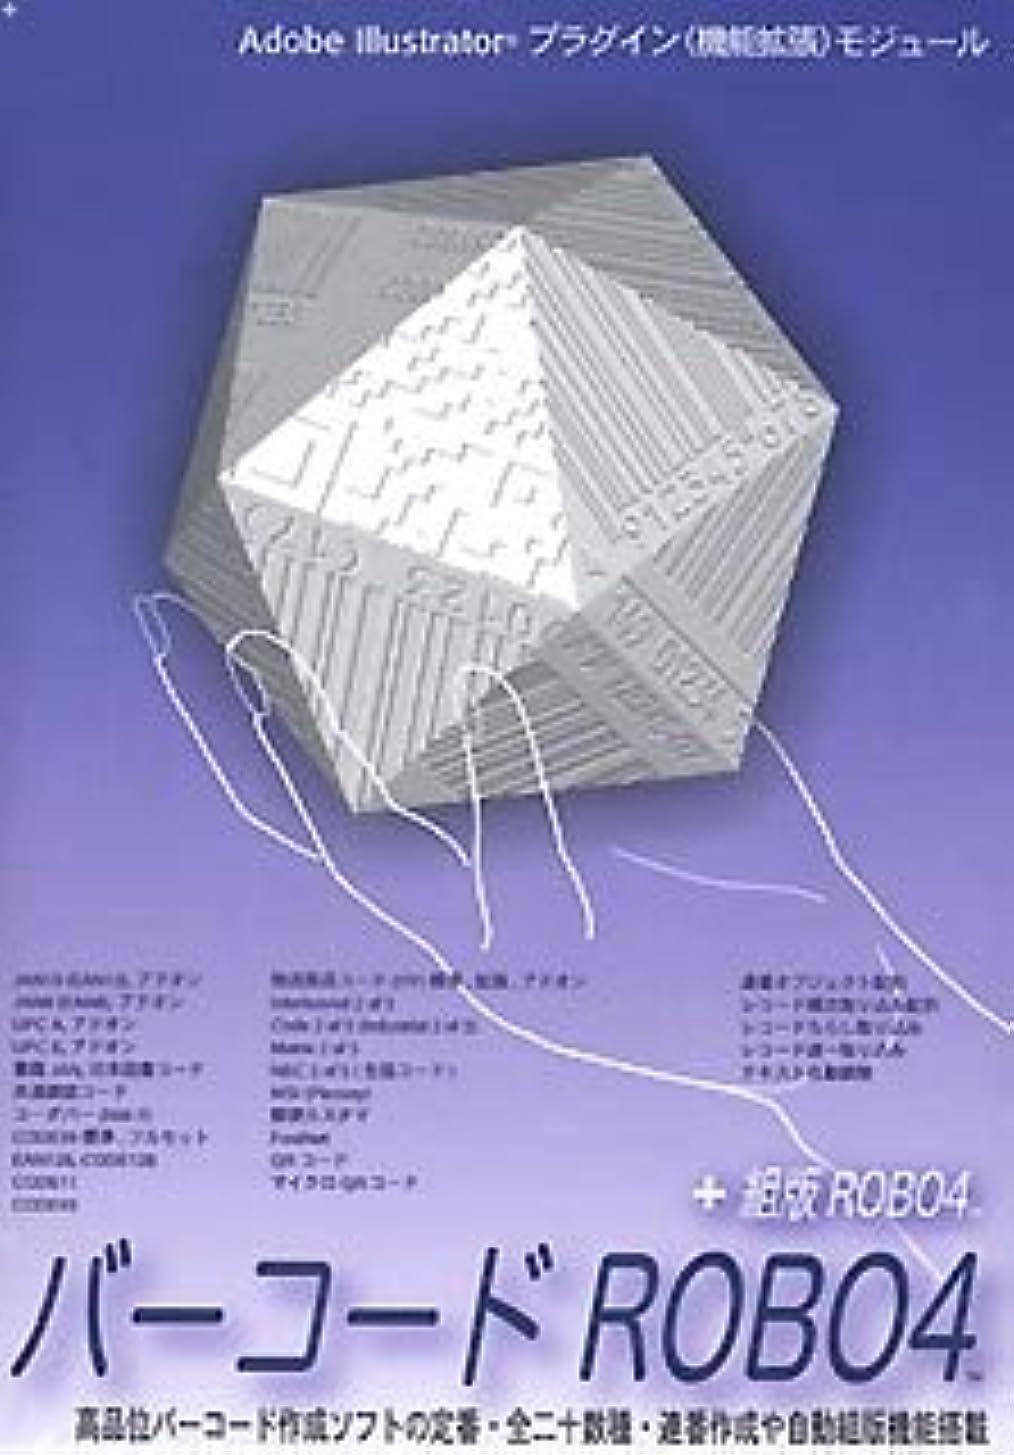 聖人立ち向かう協力するバーコード ROBO 4 + OCR-B Macintosh版